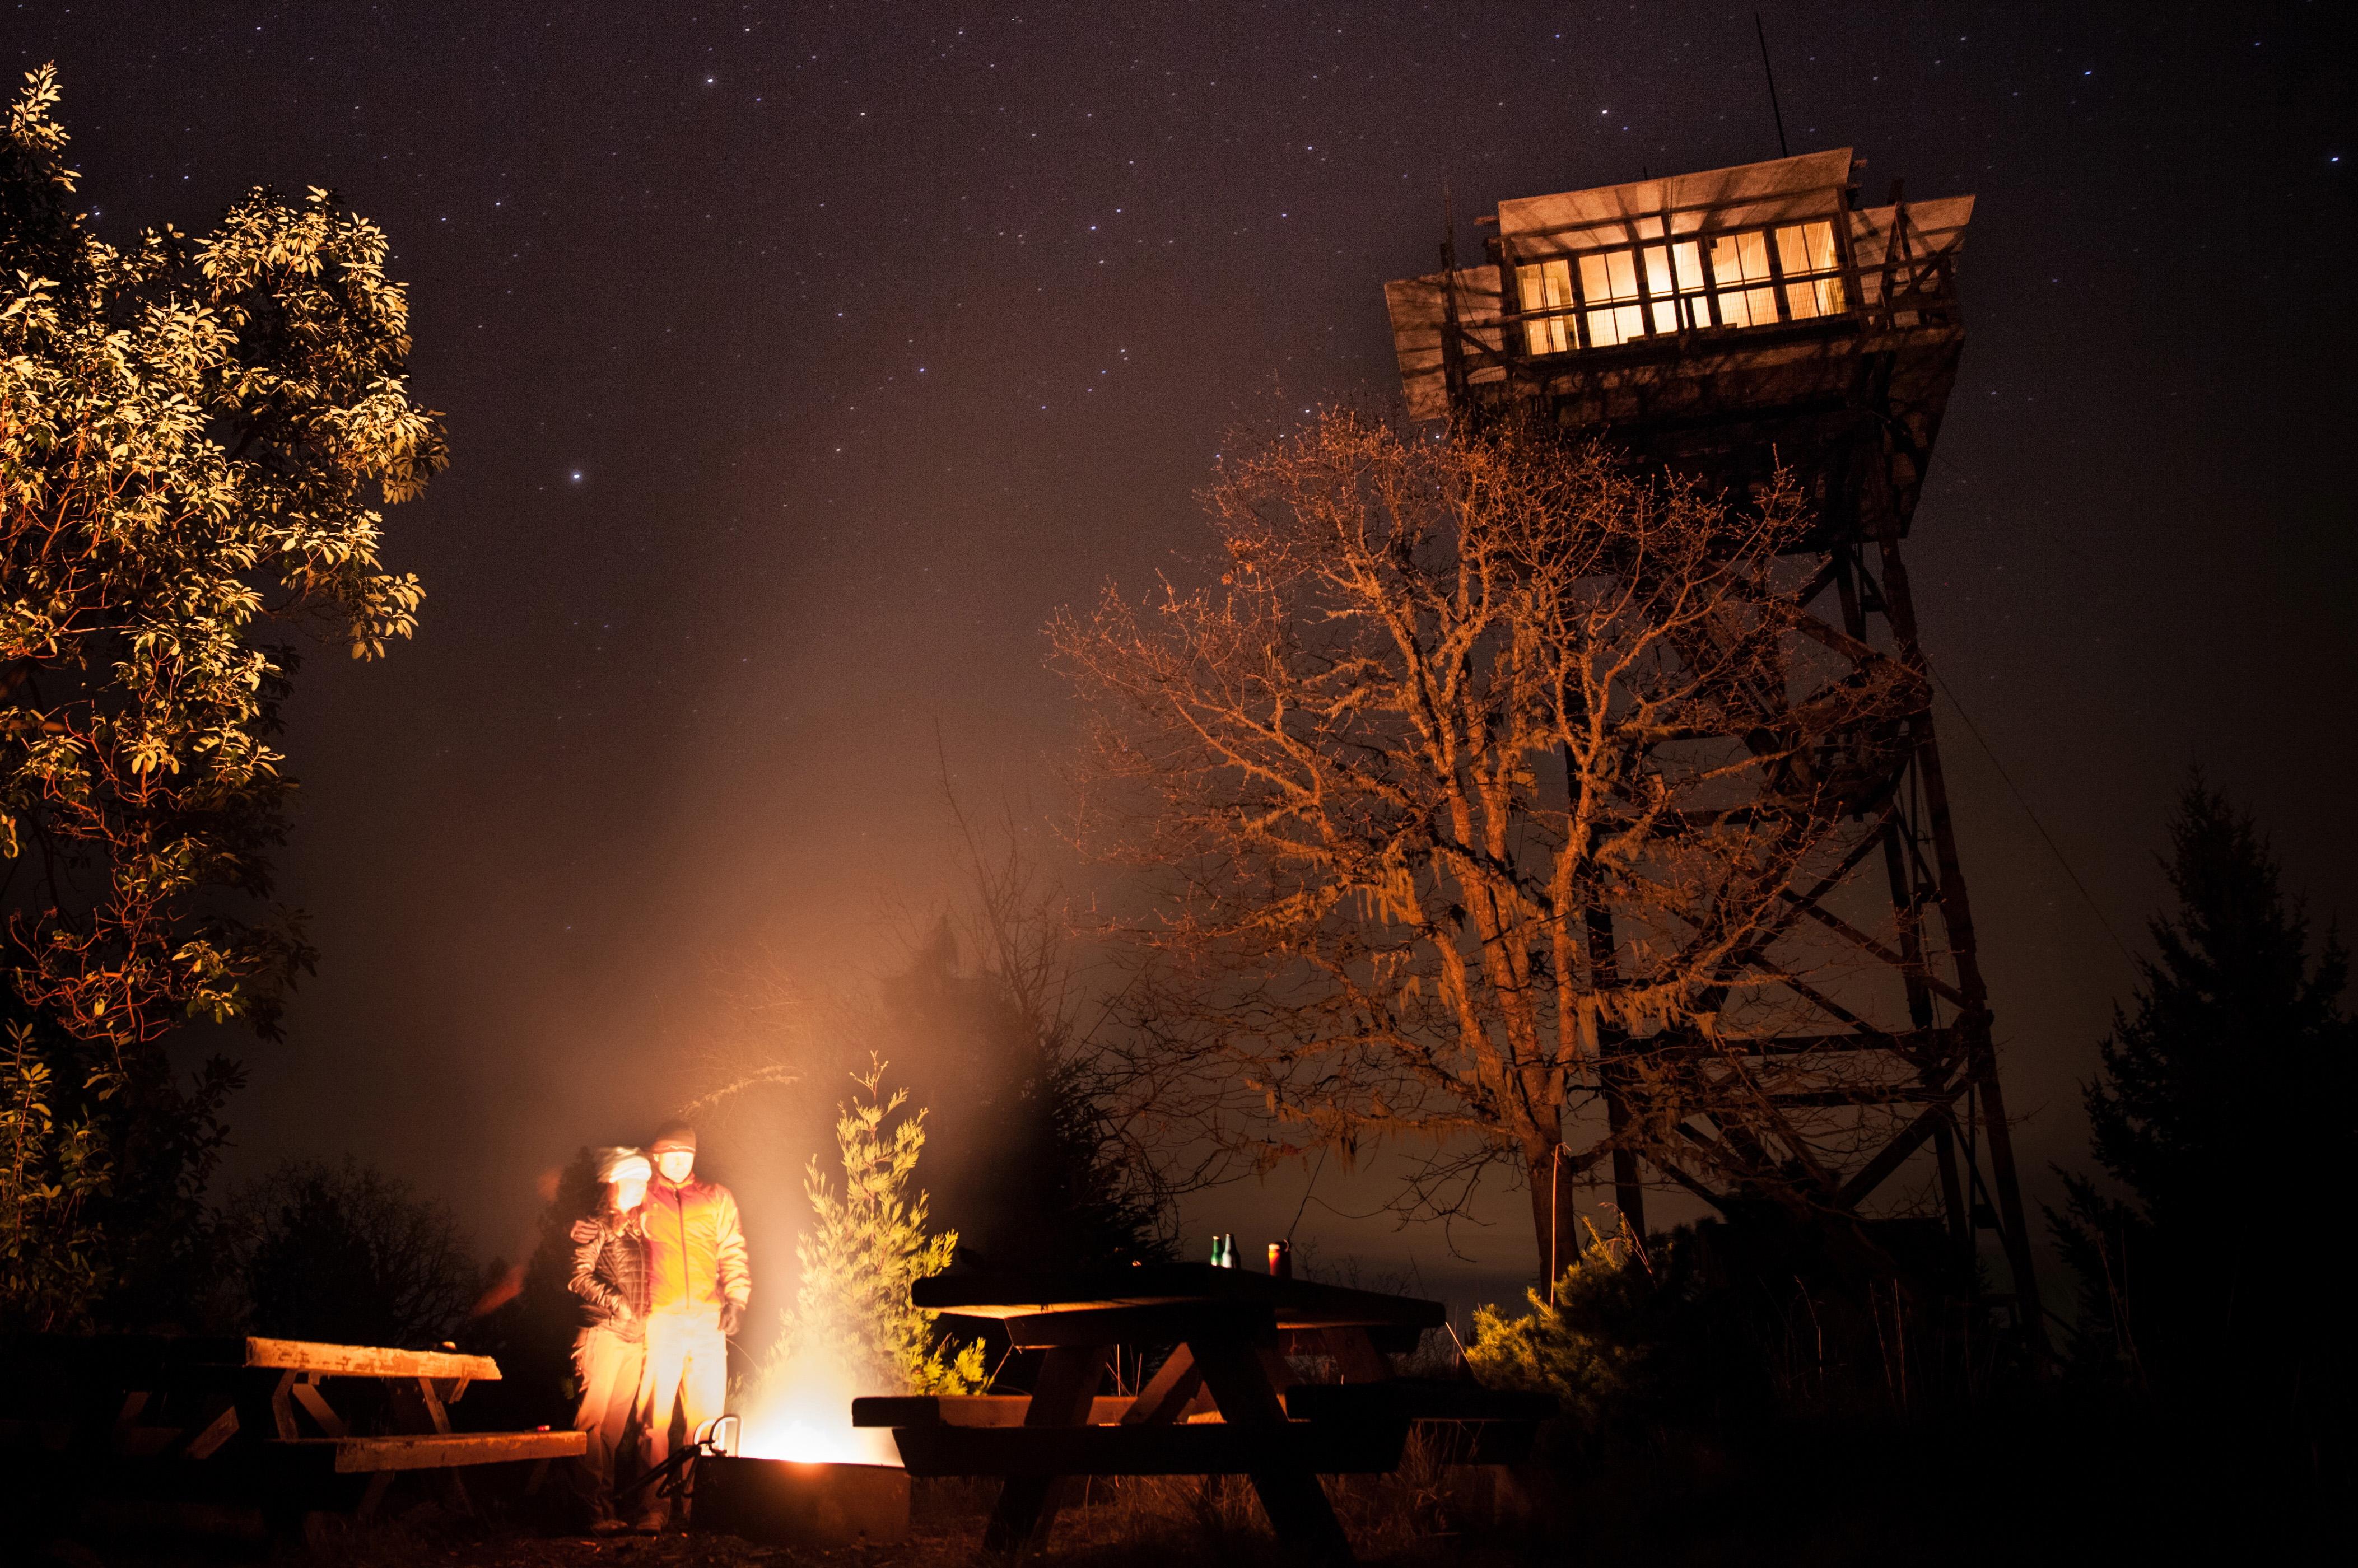 Pickett Butte Fire Lookout Umpqua National Forest